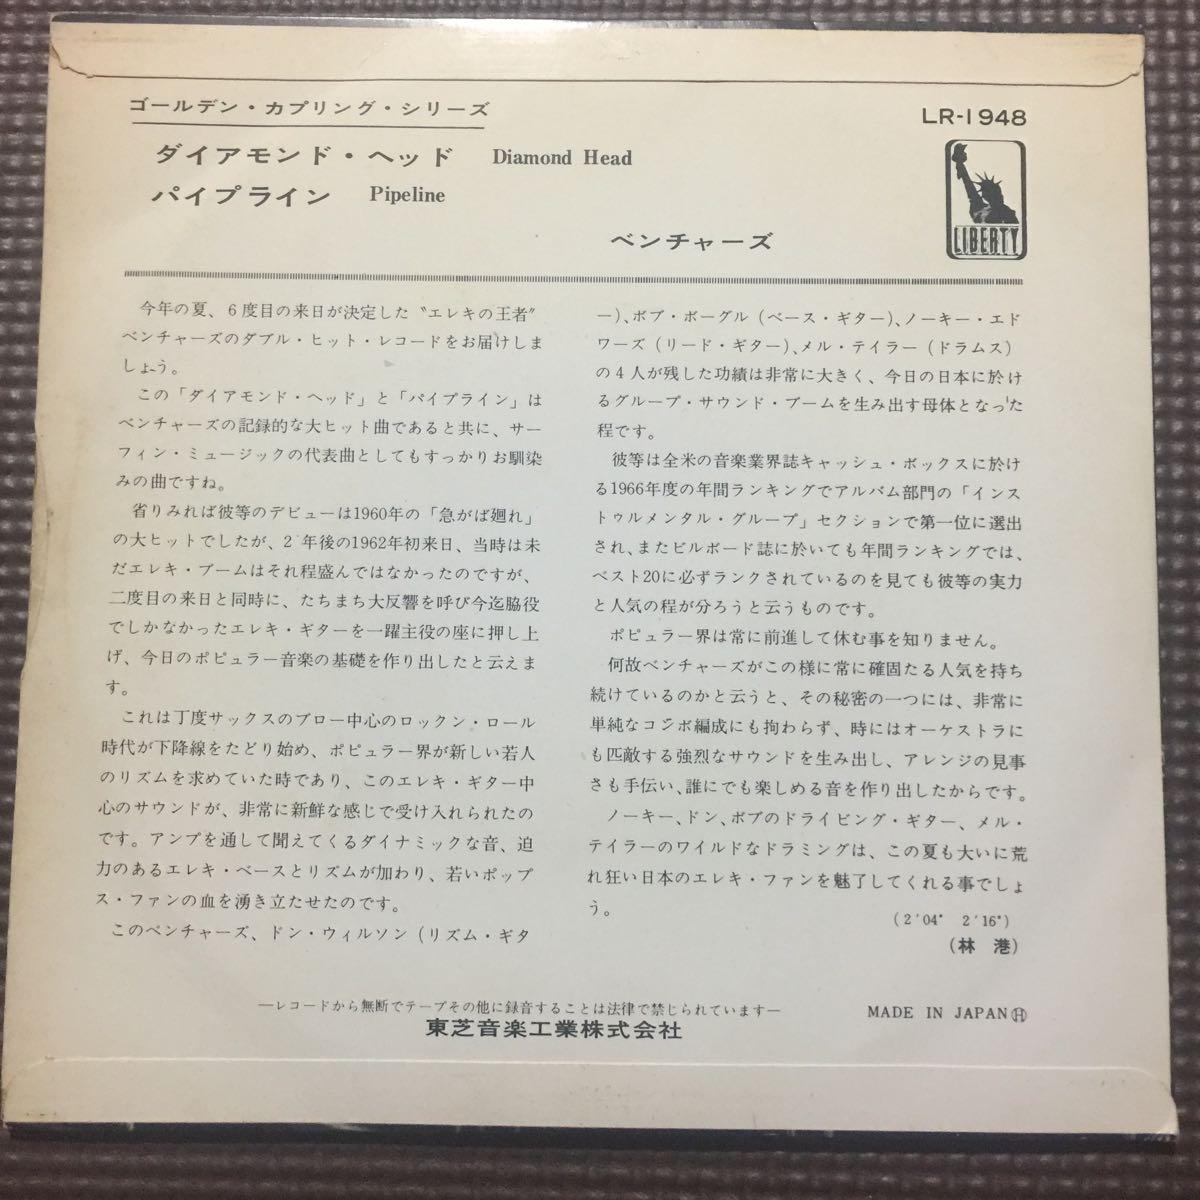 ザ・ベンチャーズ ダイアモンド・ヘッド/パイプ・ライン 国内盤7インチシングルレコード